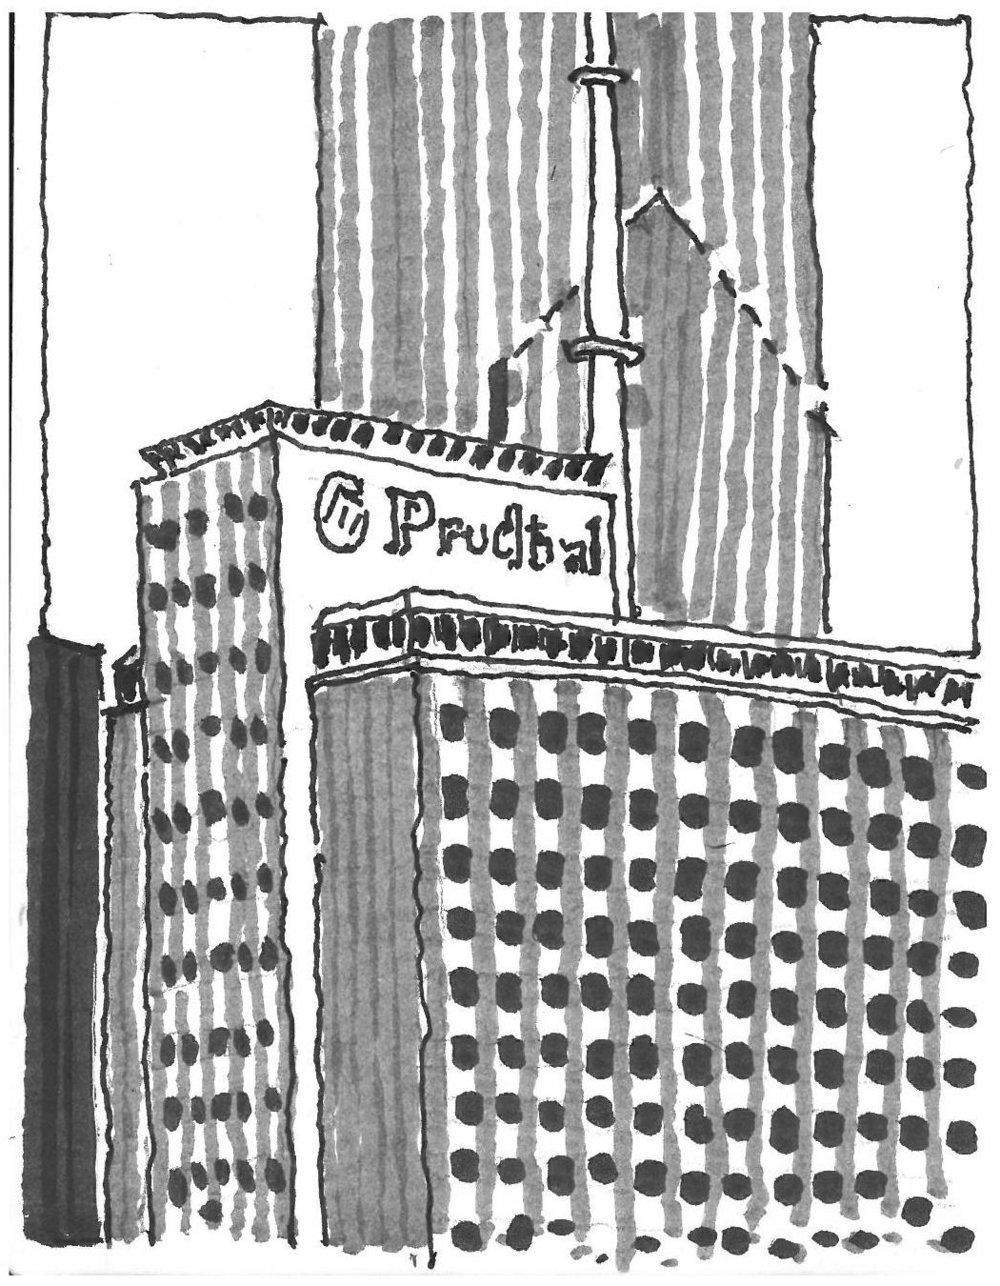 PrudentialTowerI.jpg